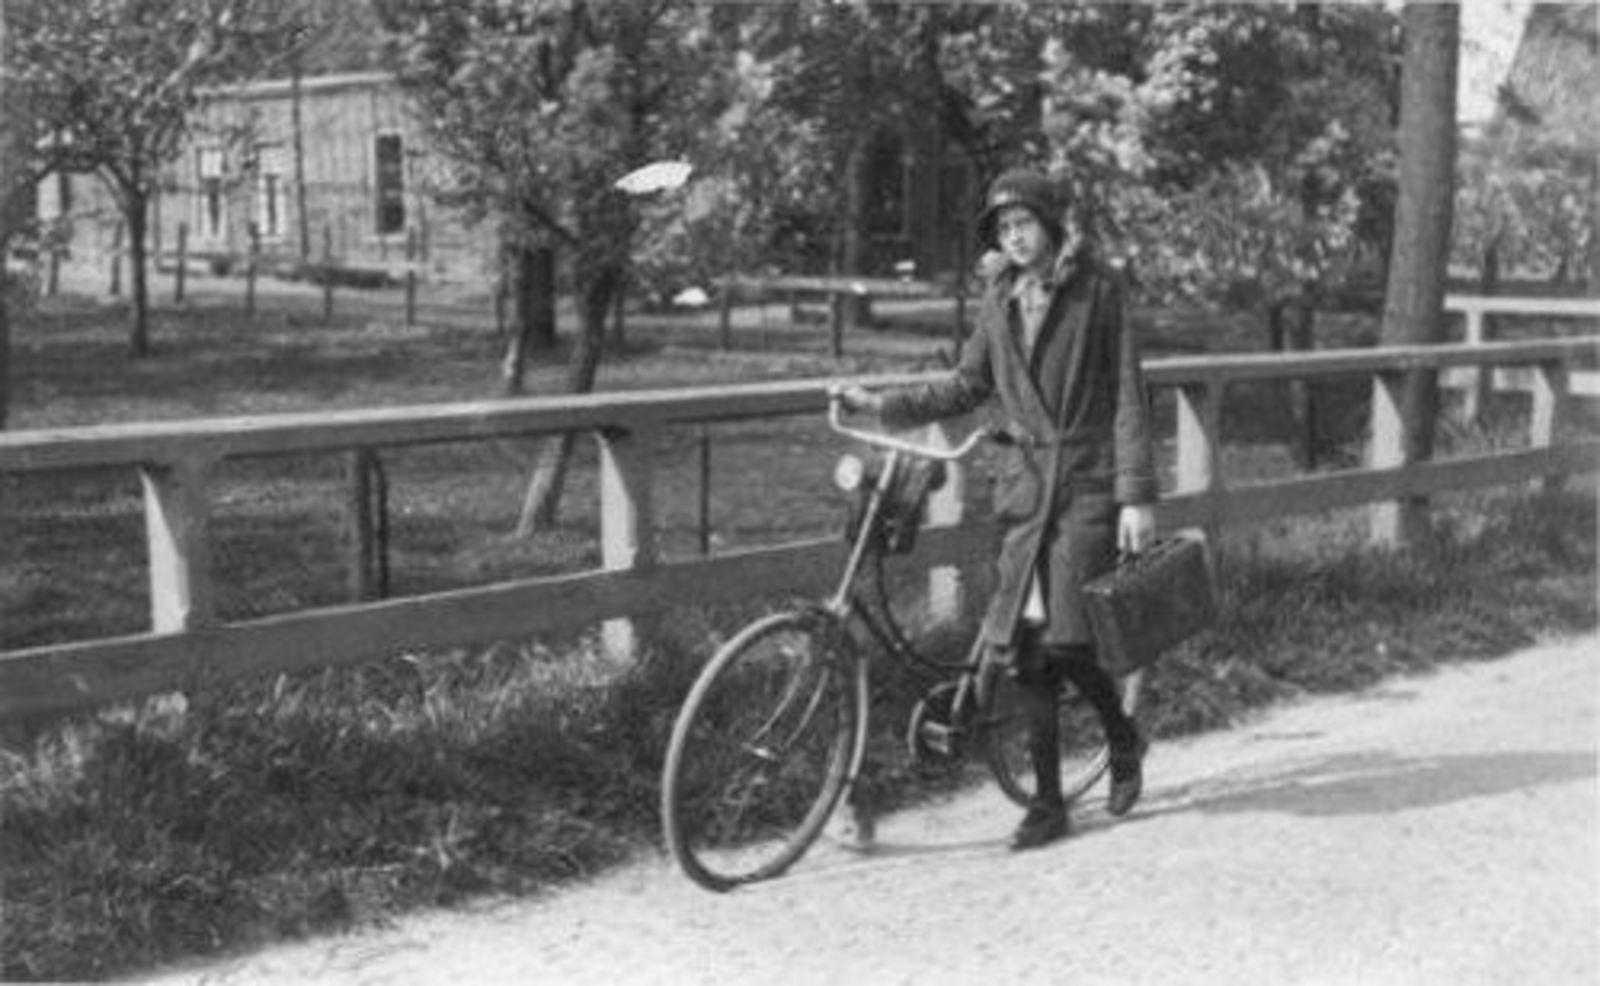 Kruisweg N 1201 19__ Huize K M Geluk 03 en Apolona Geluk 1915-2007_2